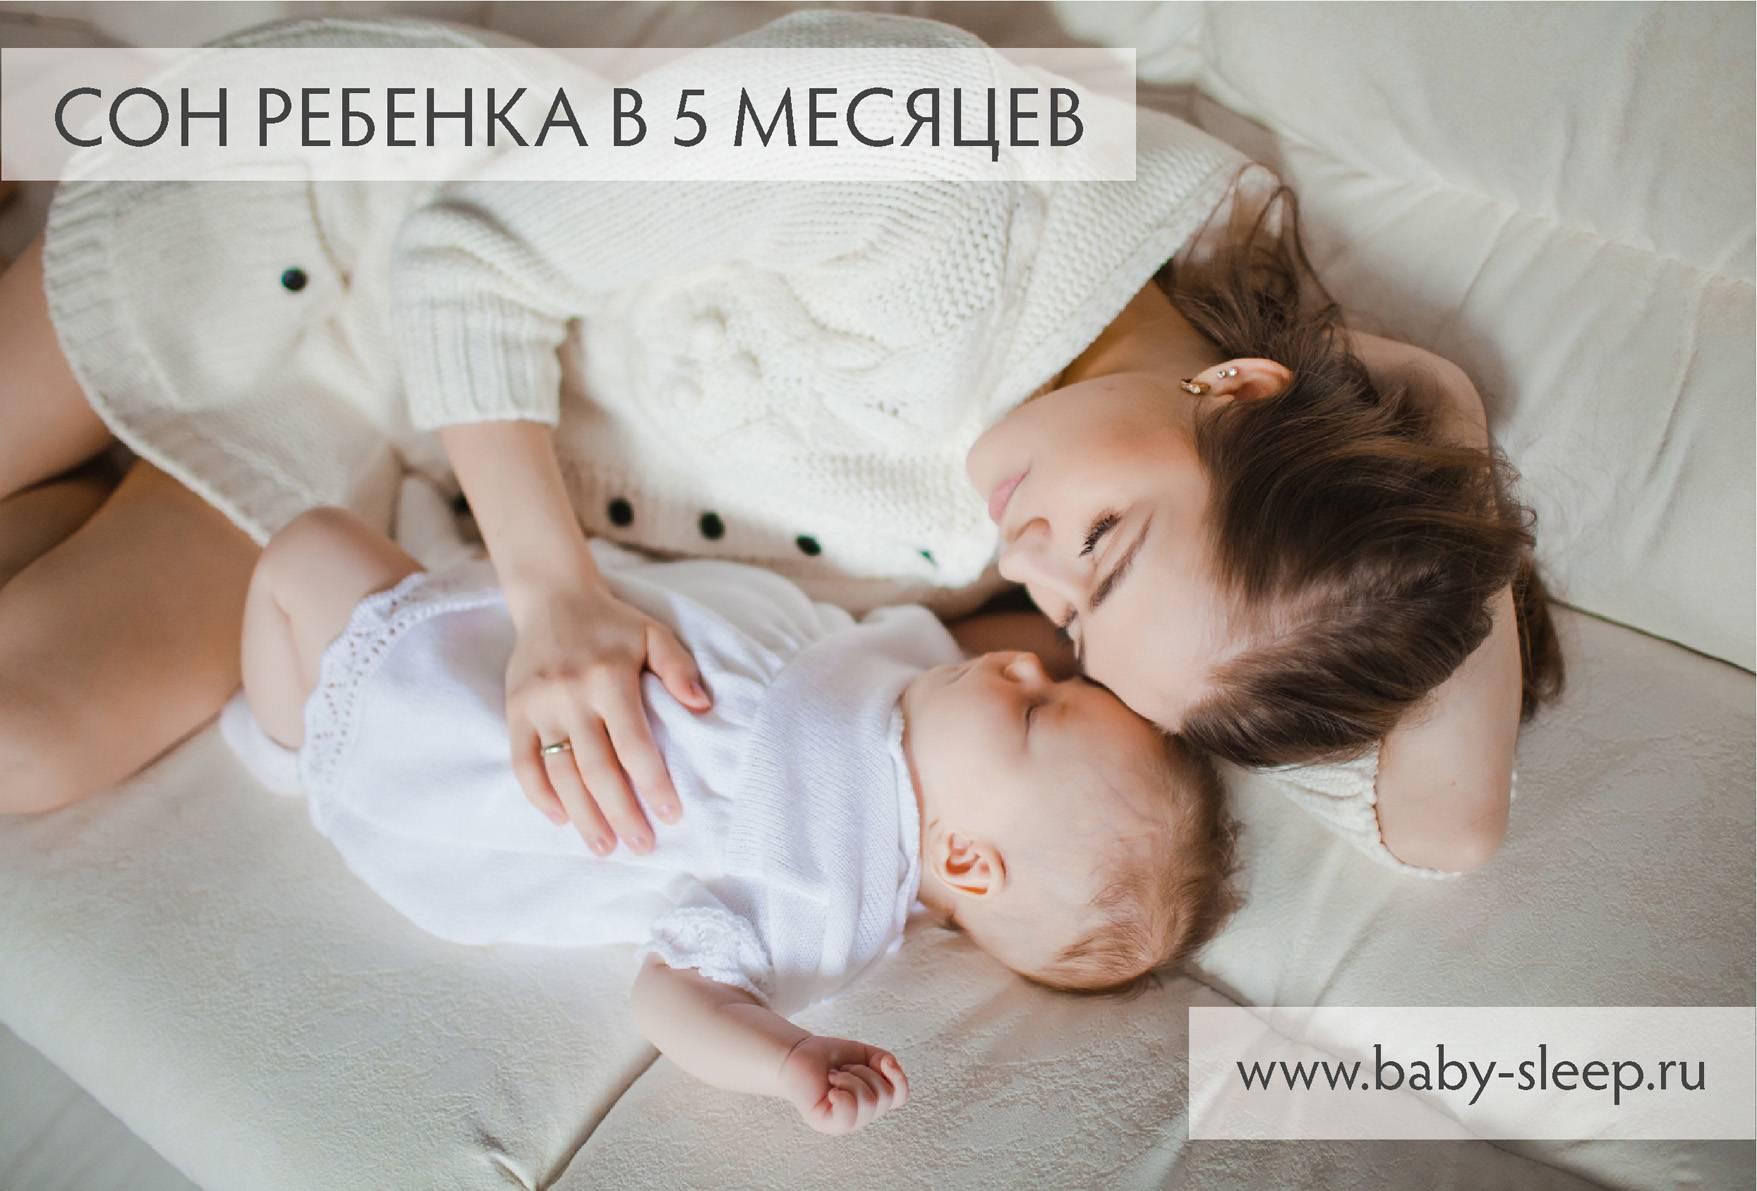 Что делать, если нет рубца от бцж у ребенка: нормальная реакция или патология?